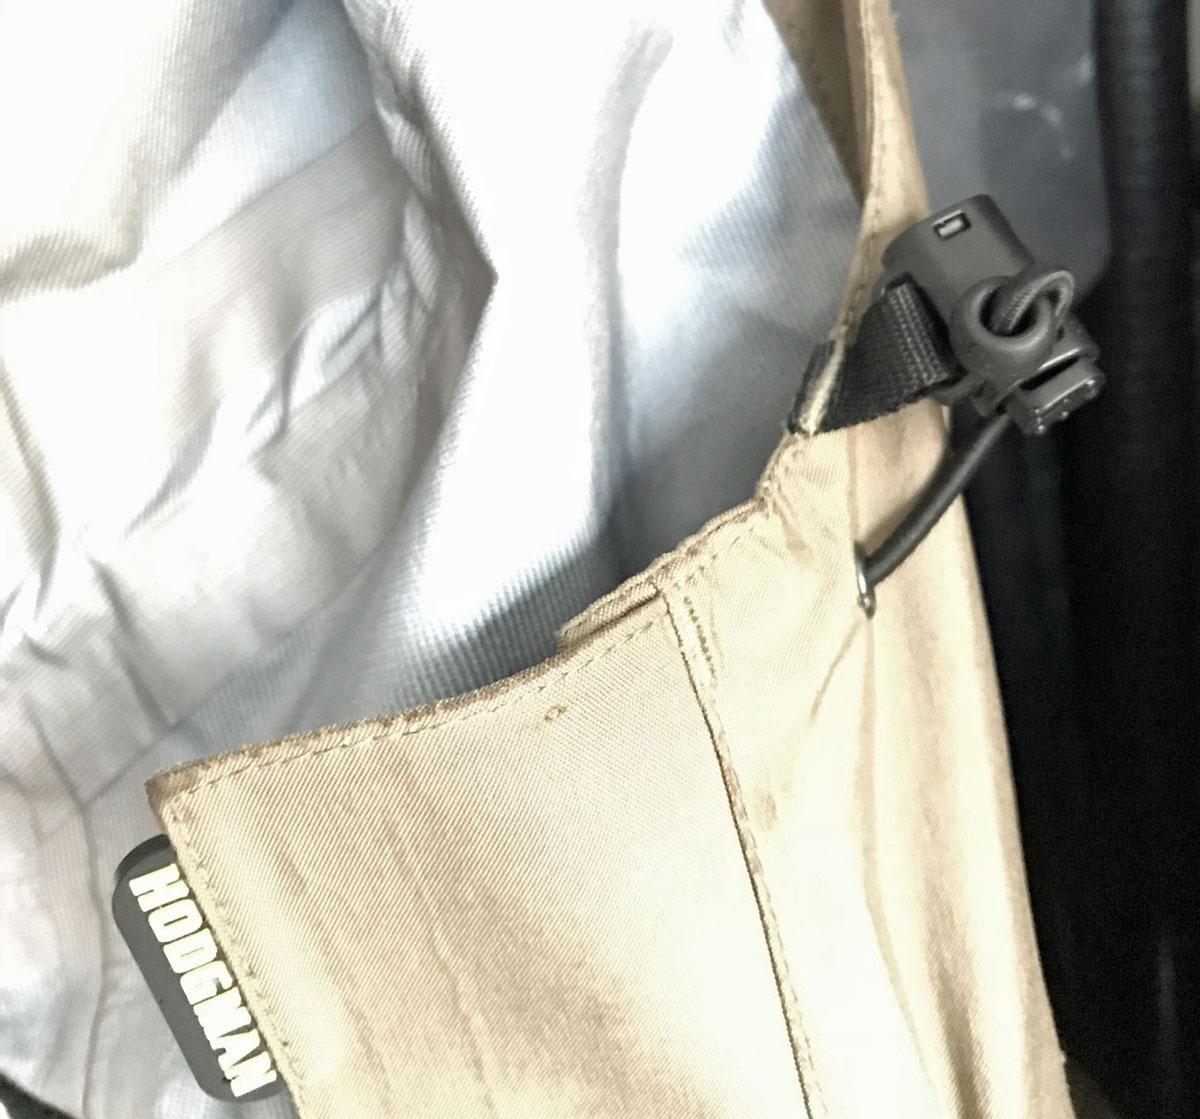 Die integrierte breitkrempige Kapuze ist 3-fachverstellbar, damit Regen auch über Ihr Gesicht nicht ins Innere der Jacke gelangen kann.